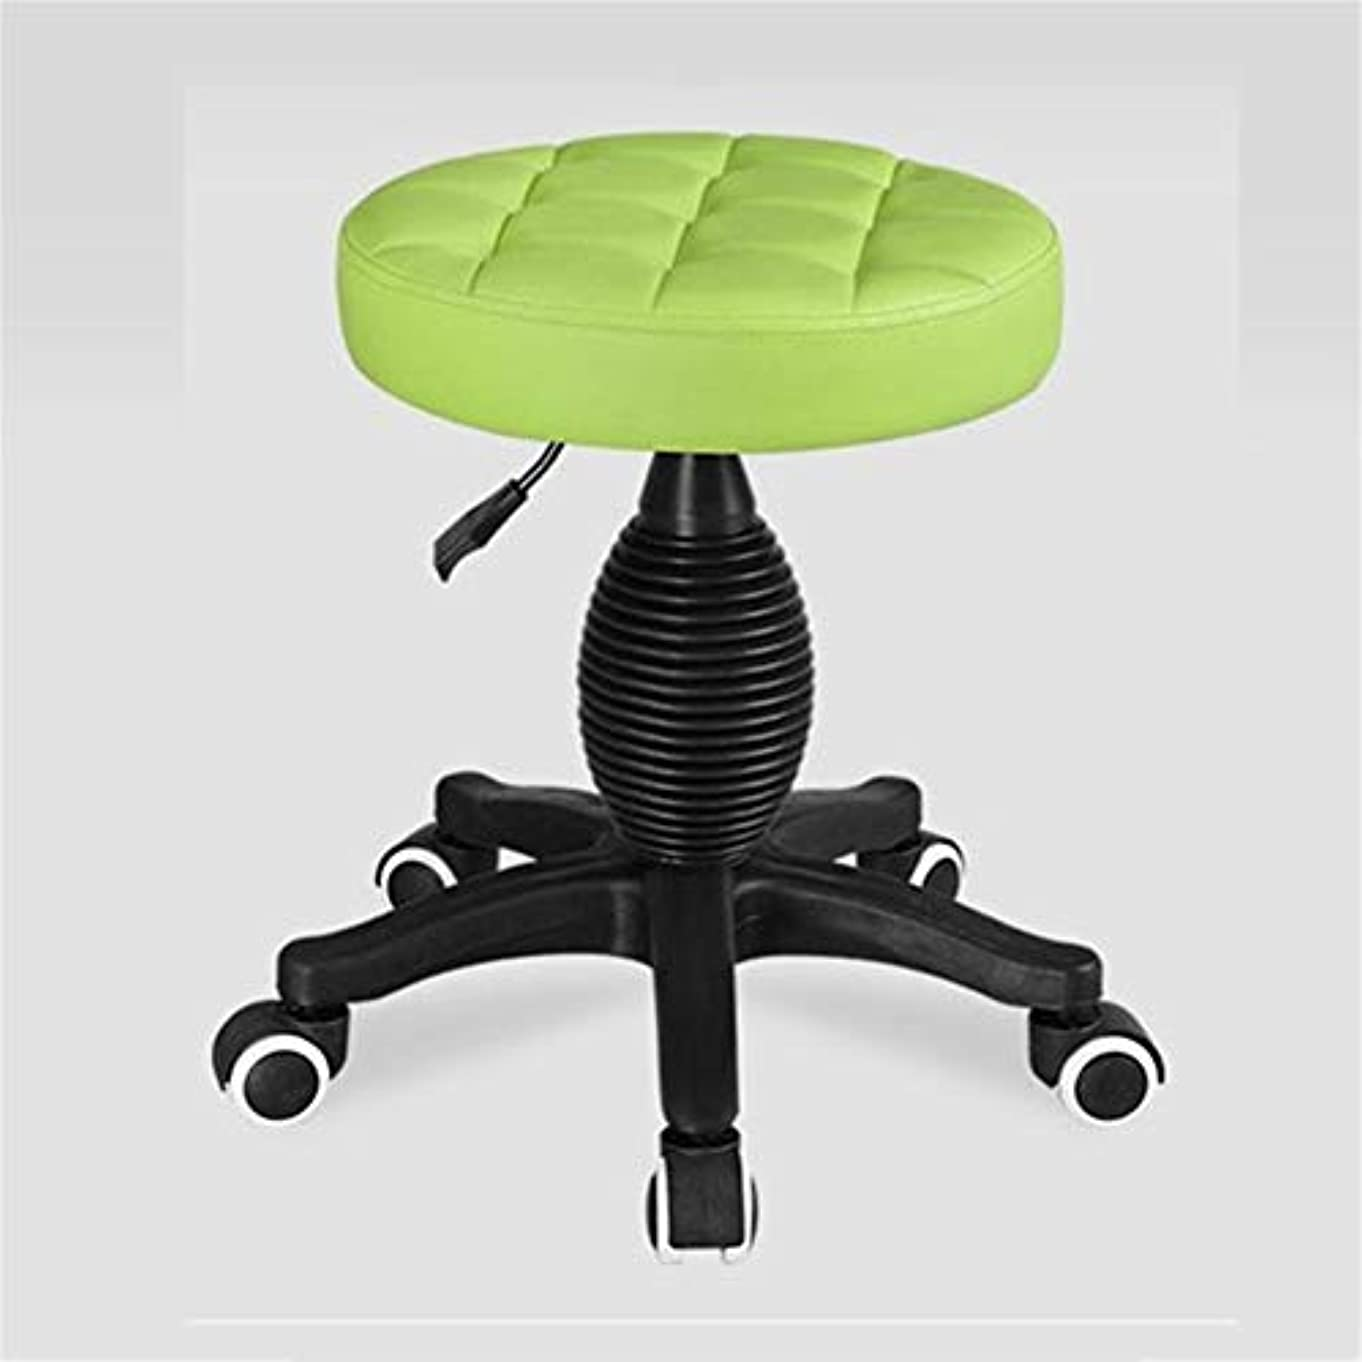 知事誰マット大広間の椅子円形PUの革油圧上昇の調節の回転理髪店の椅子の鉱泉の大広間の設定の椅子5つの車輪の事務作業の椅子,Green,B